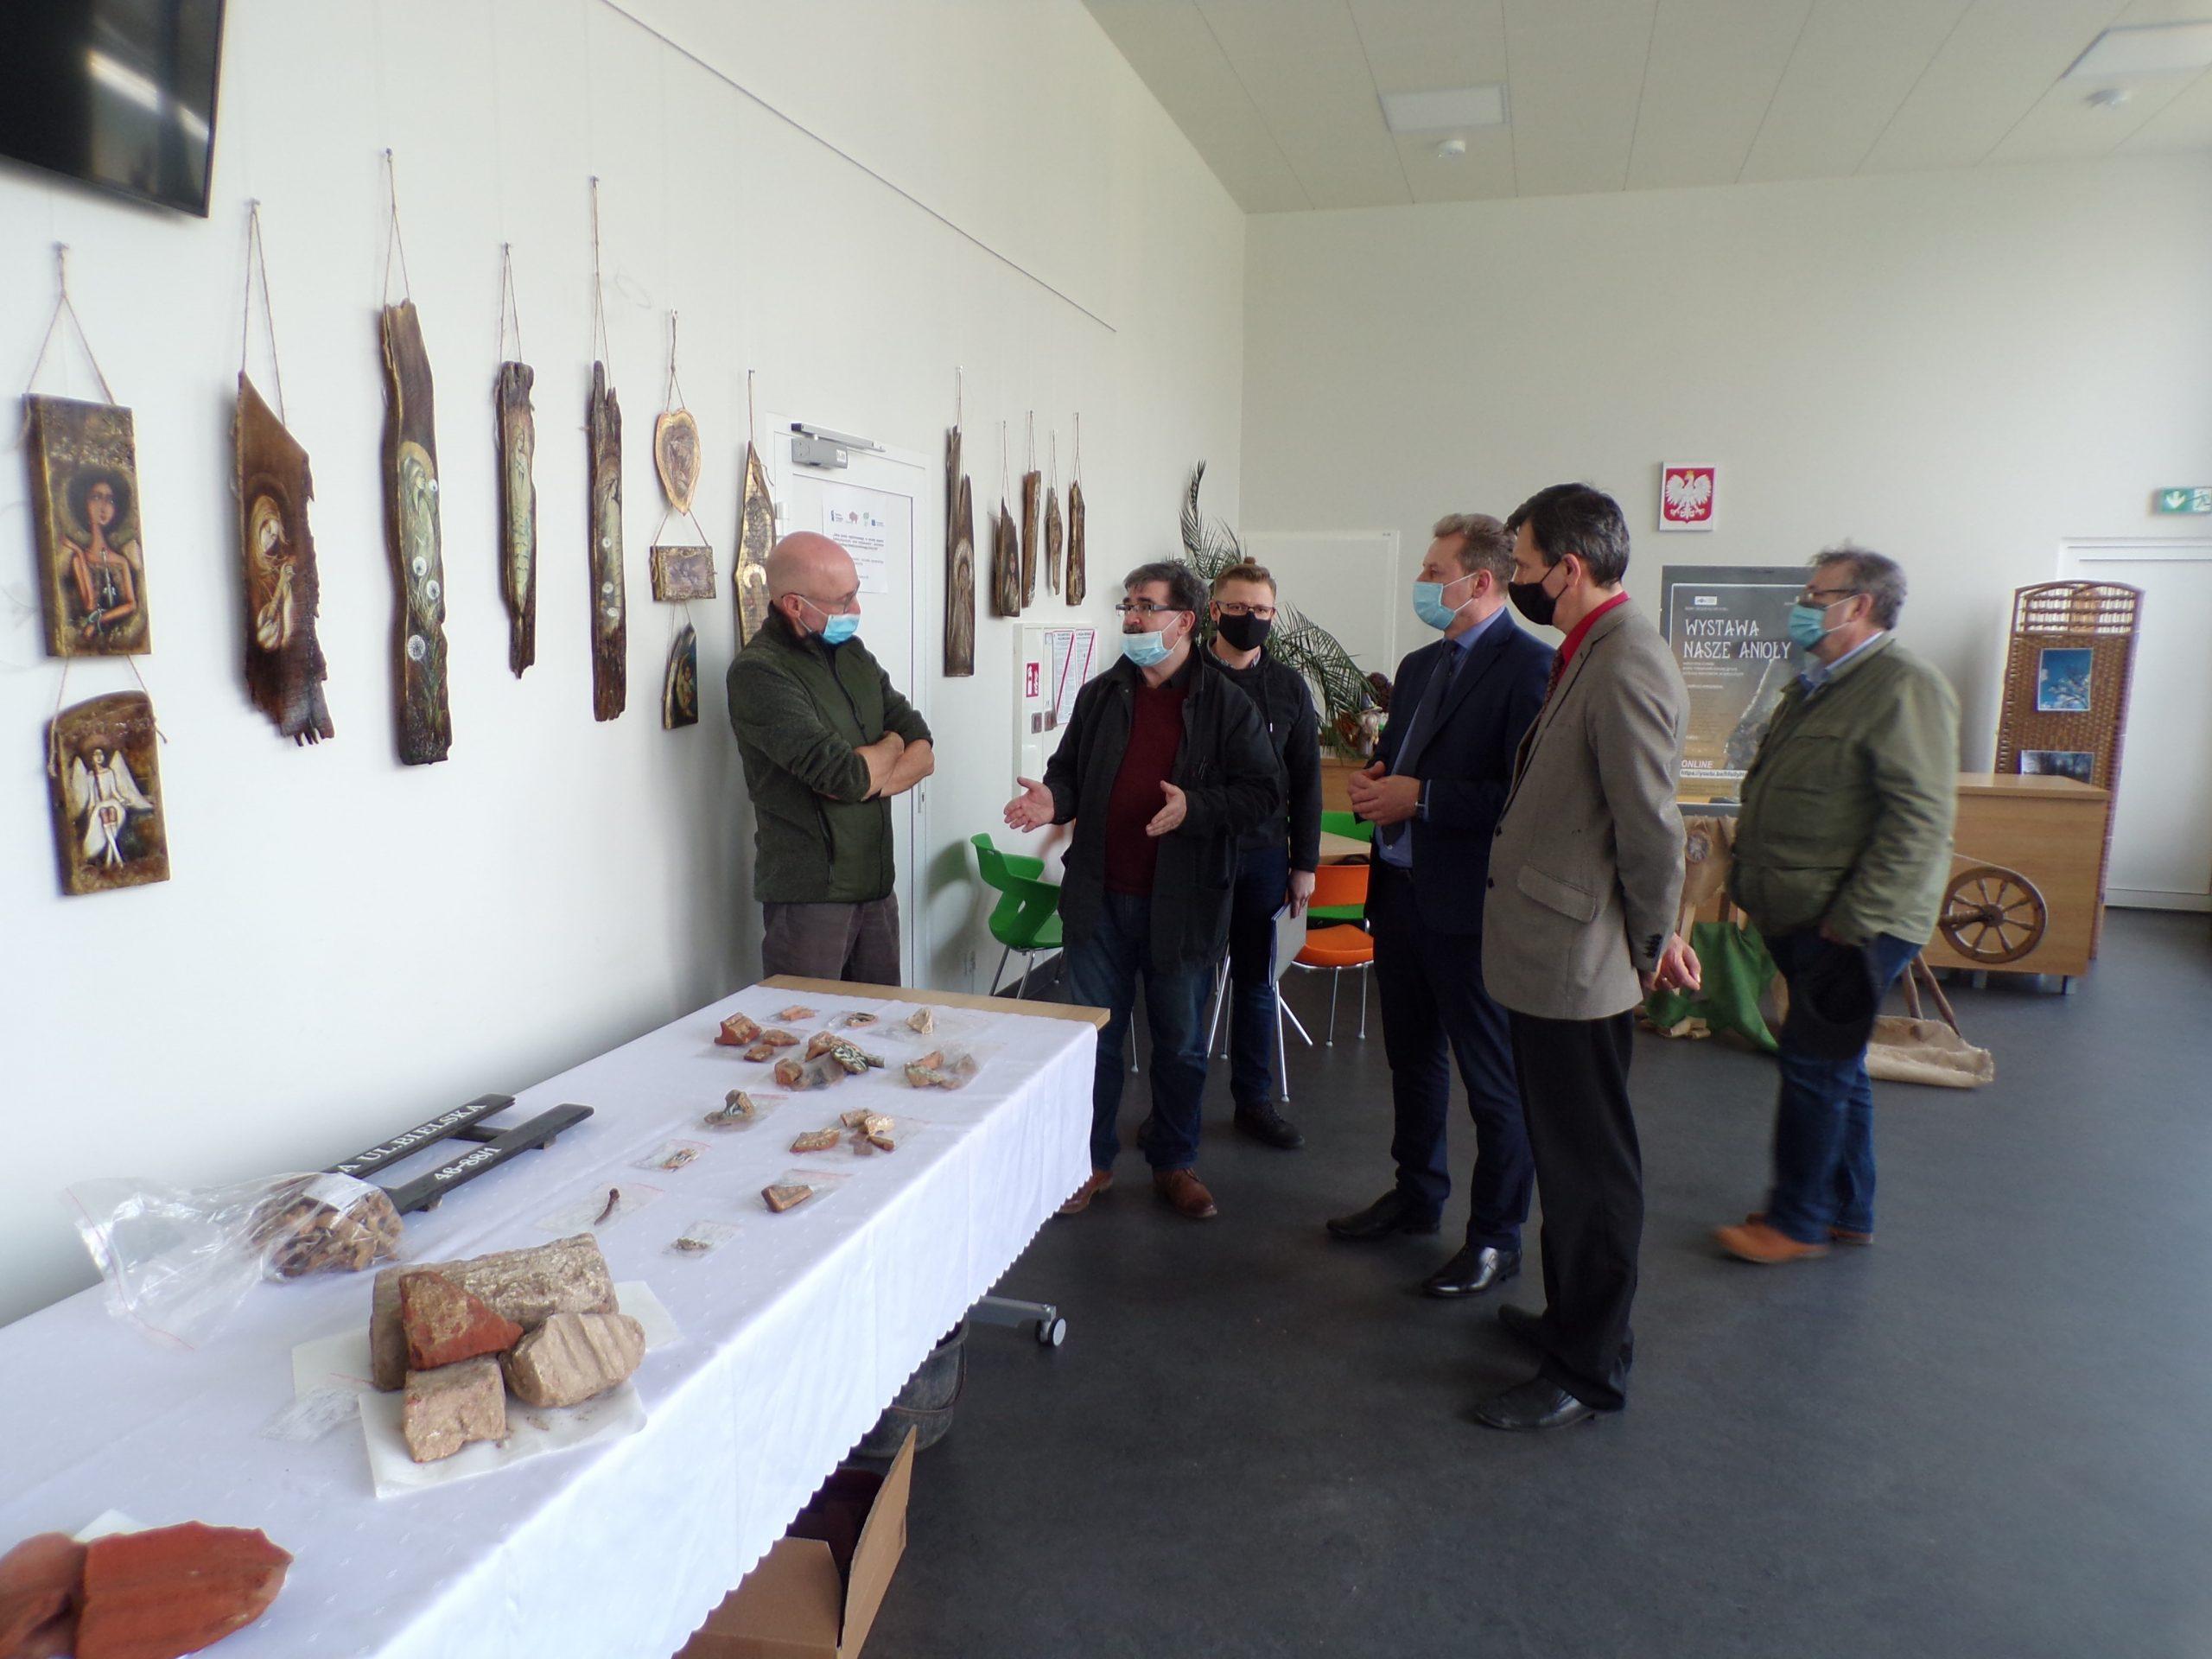 Відбулося представлення результатів археологічних досліджень проведених у Вуорлі